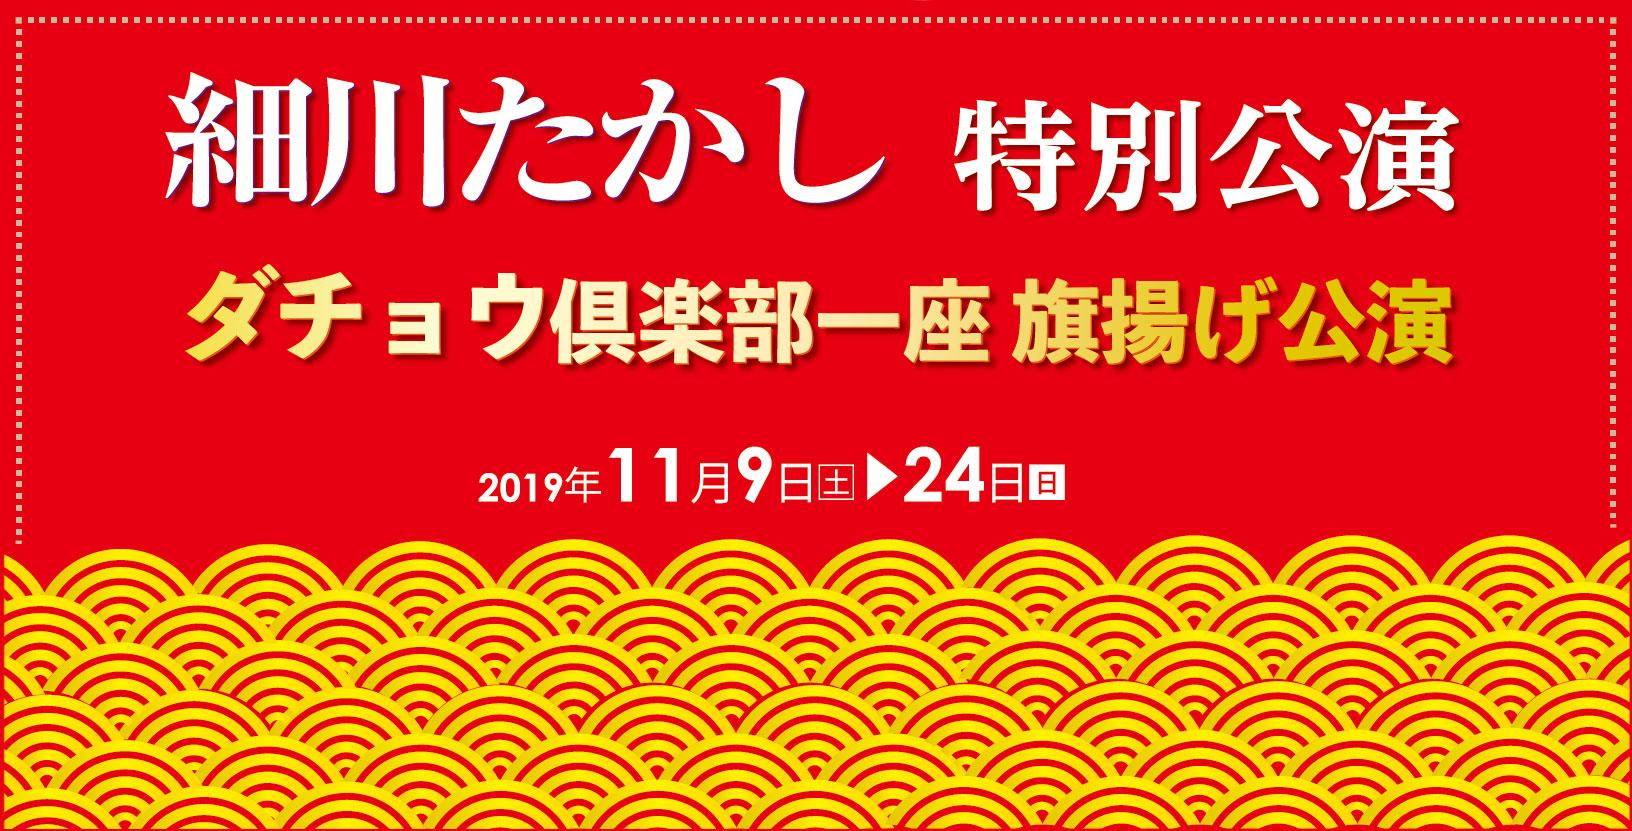 細川たかし特別公演 ダチョウ倶楽部一座旗揚げ公演